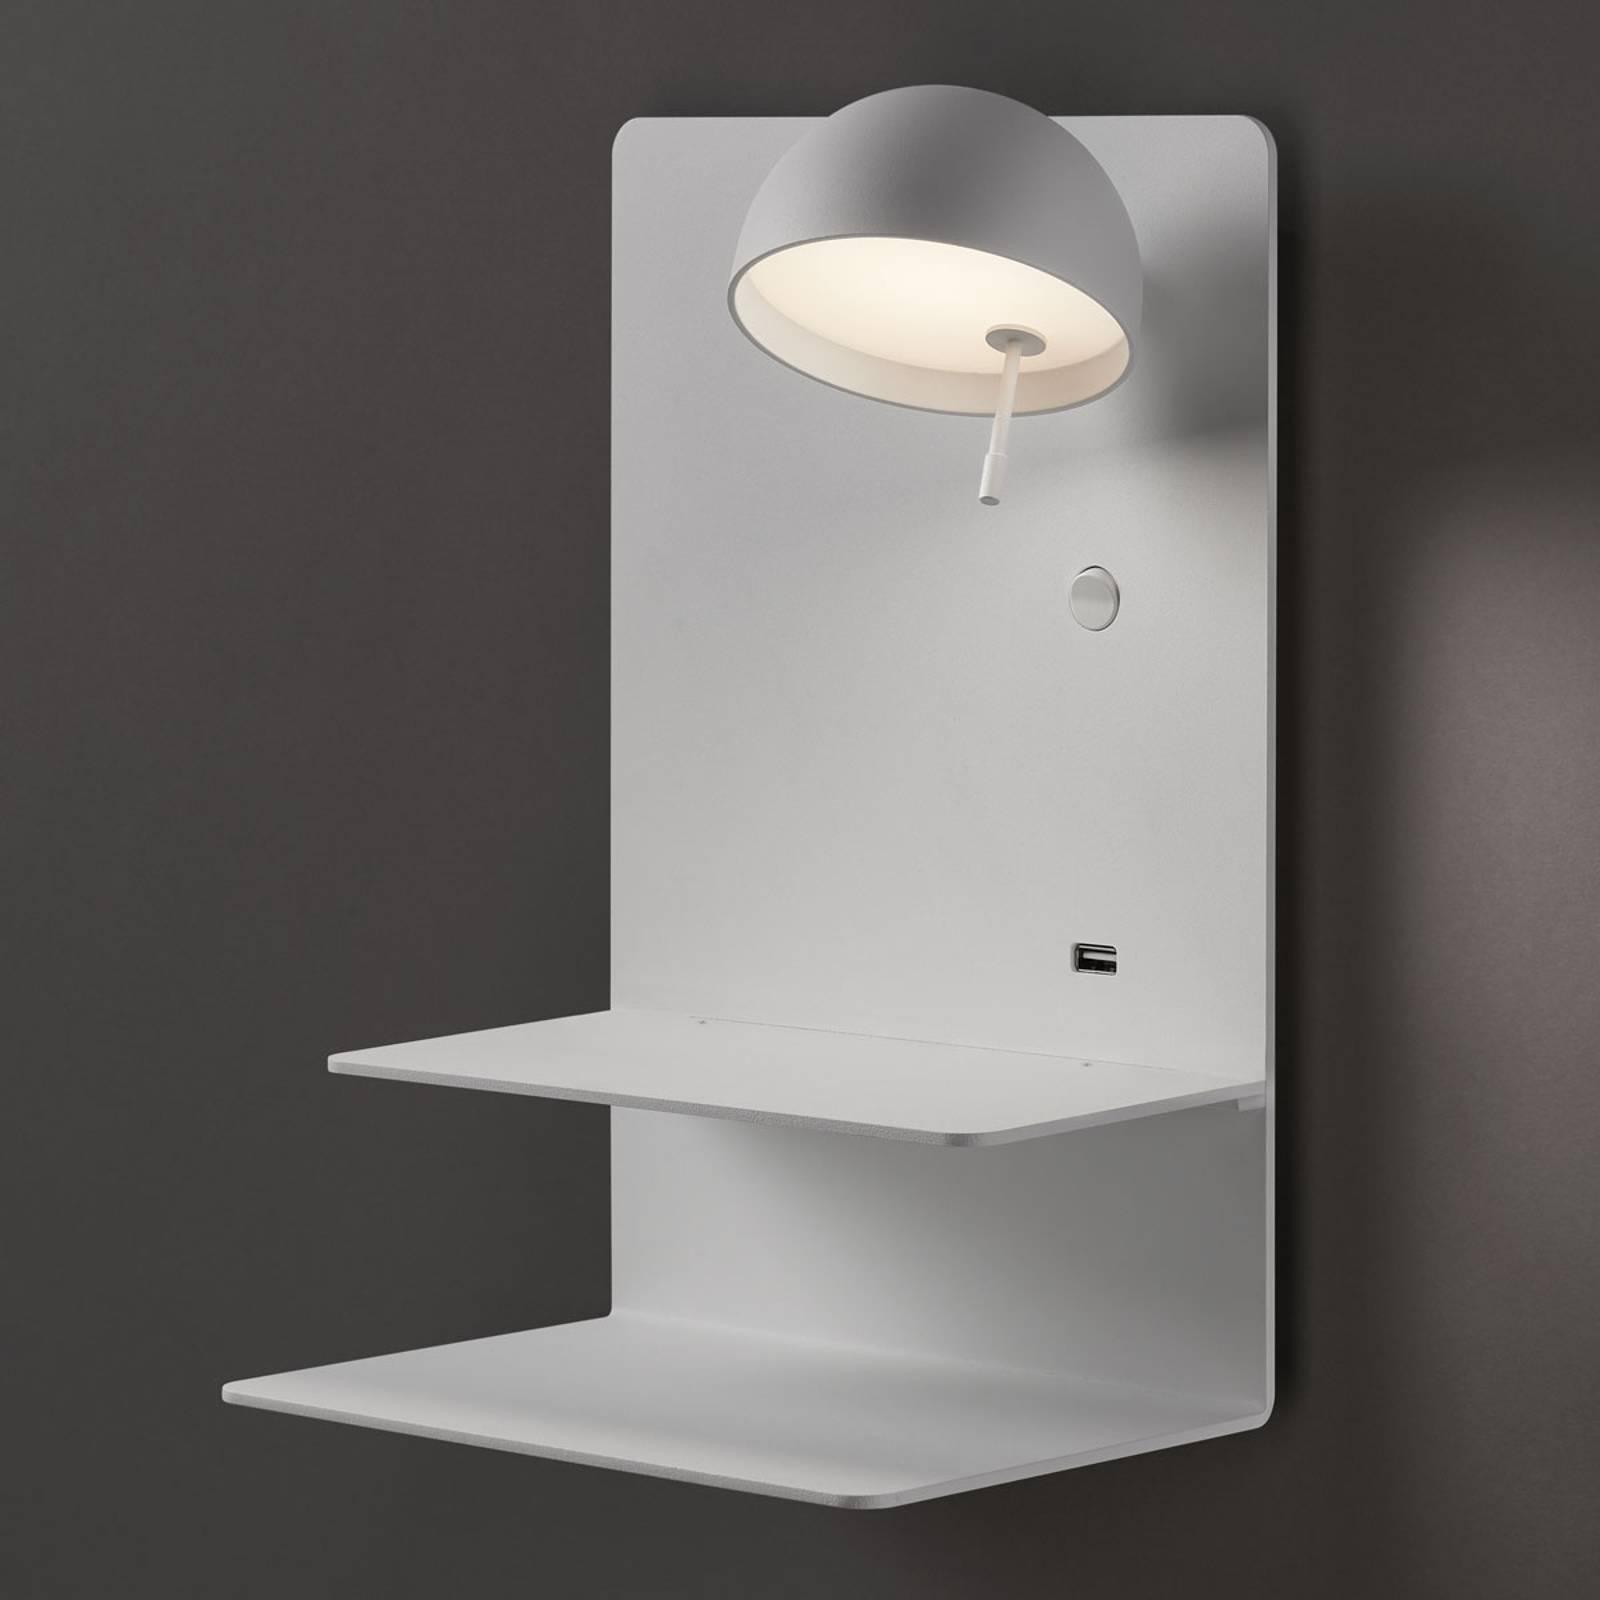 Bover Beddy A/04 LED wandlamp wit spot rechts